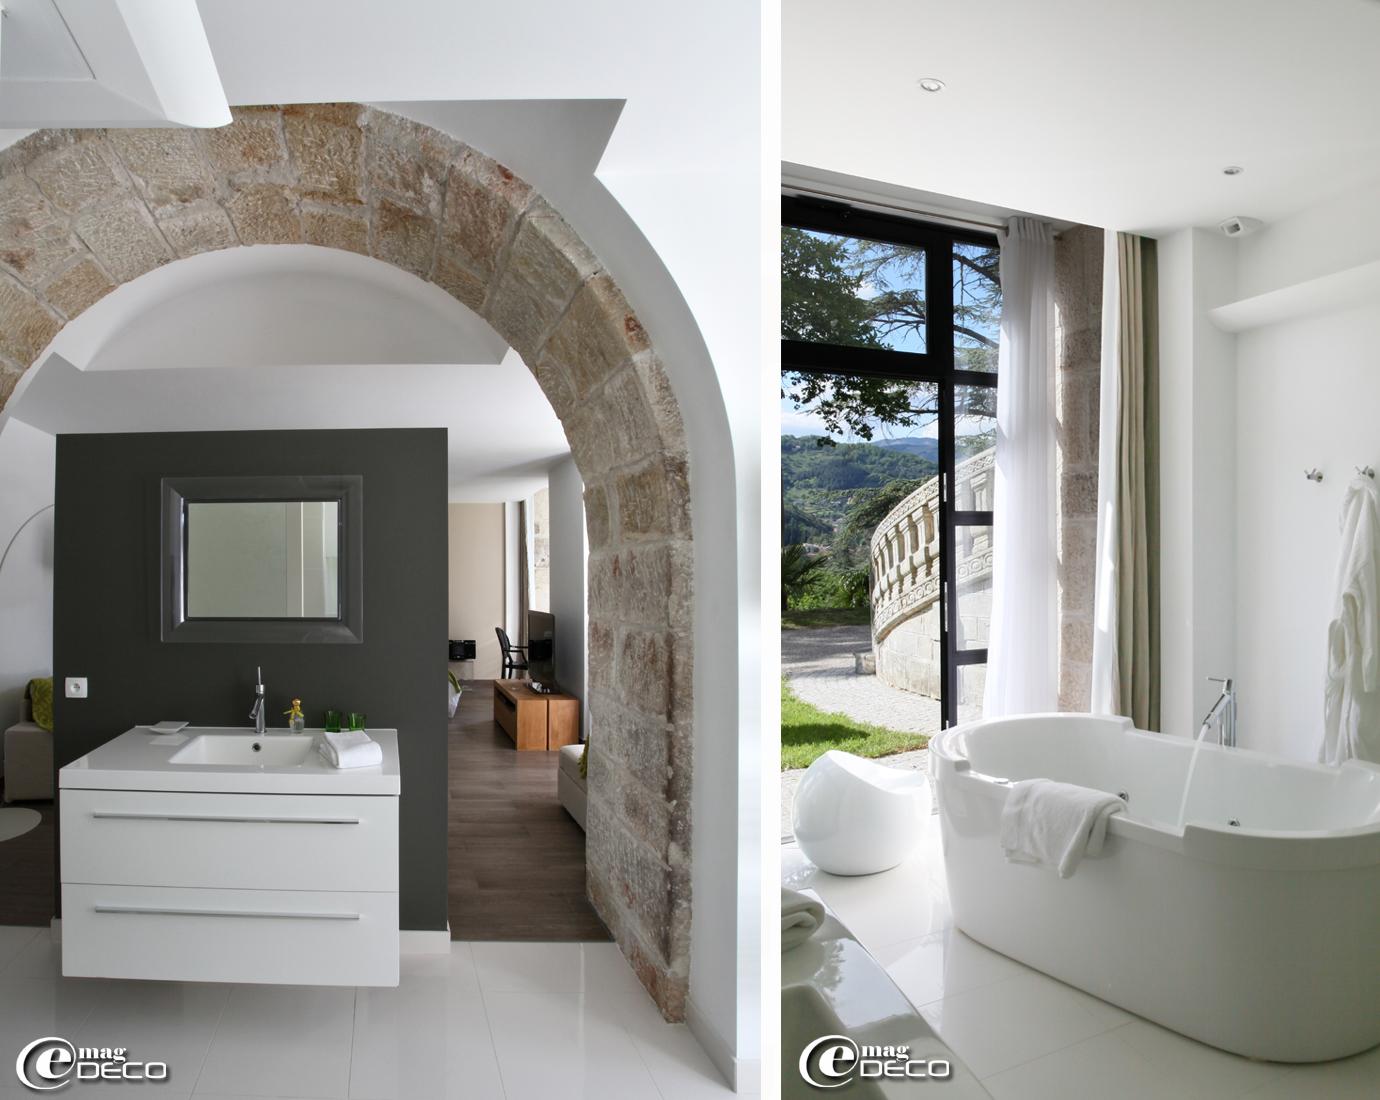 Dans la salle de bains de la 'Suite Anis' du Château Clément, meuble lavabo 'Sanijura', miroir en polycarbonate transparent et Baignoire 'Duravit' signés Philippe Starck